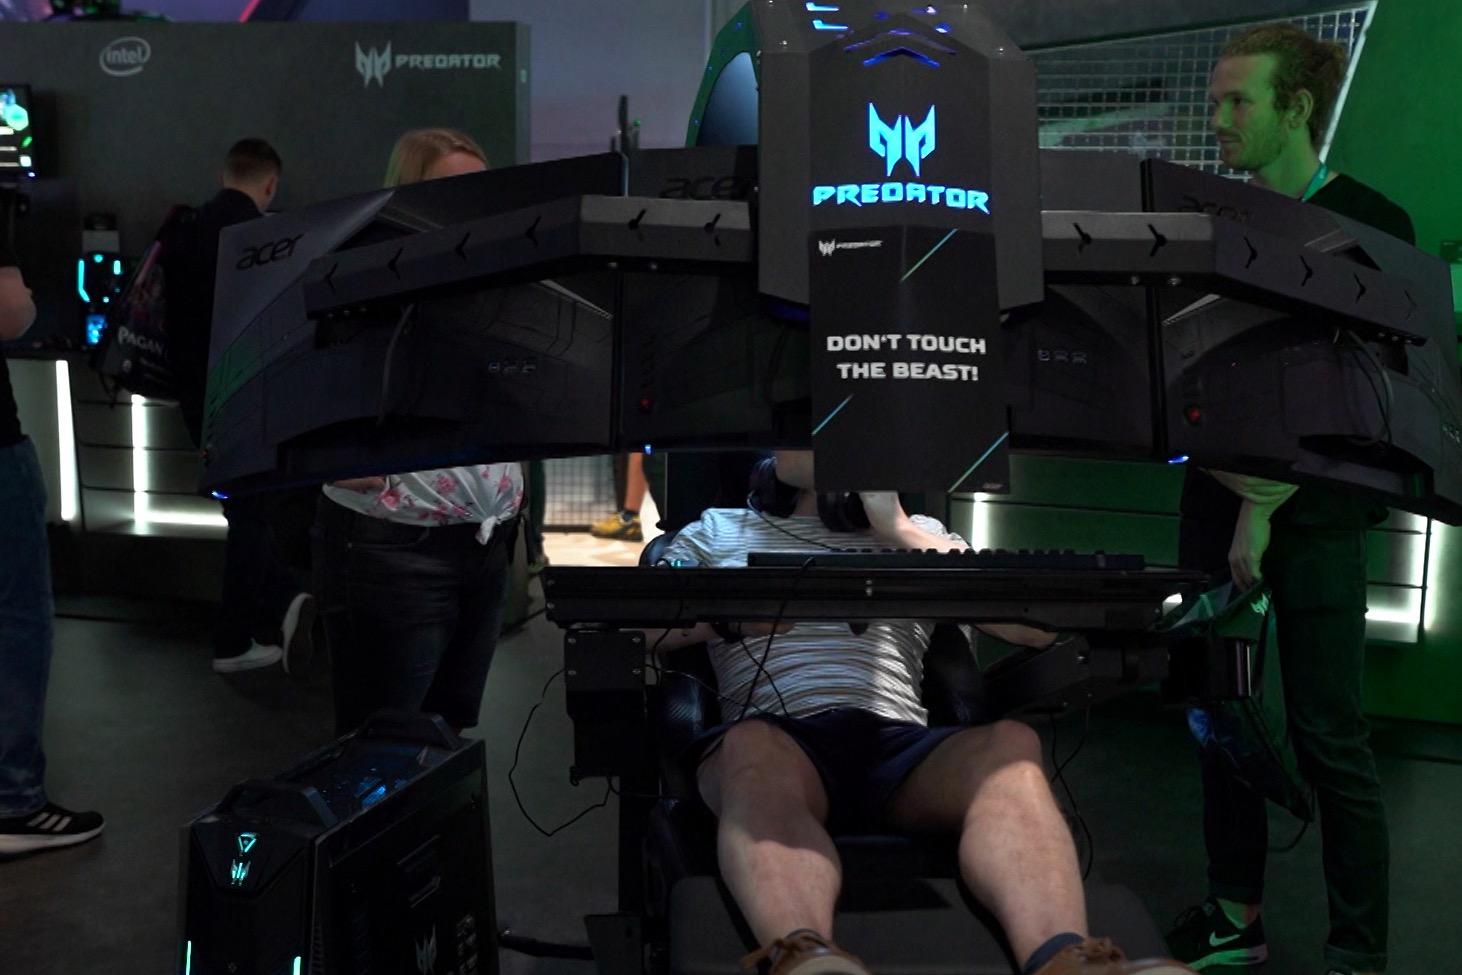 Internationale Spielefans treffen auf der Gamescom auf Spieleentwickler, um die neuesten Spiele anzuzocken (Foto: hellofootage)